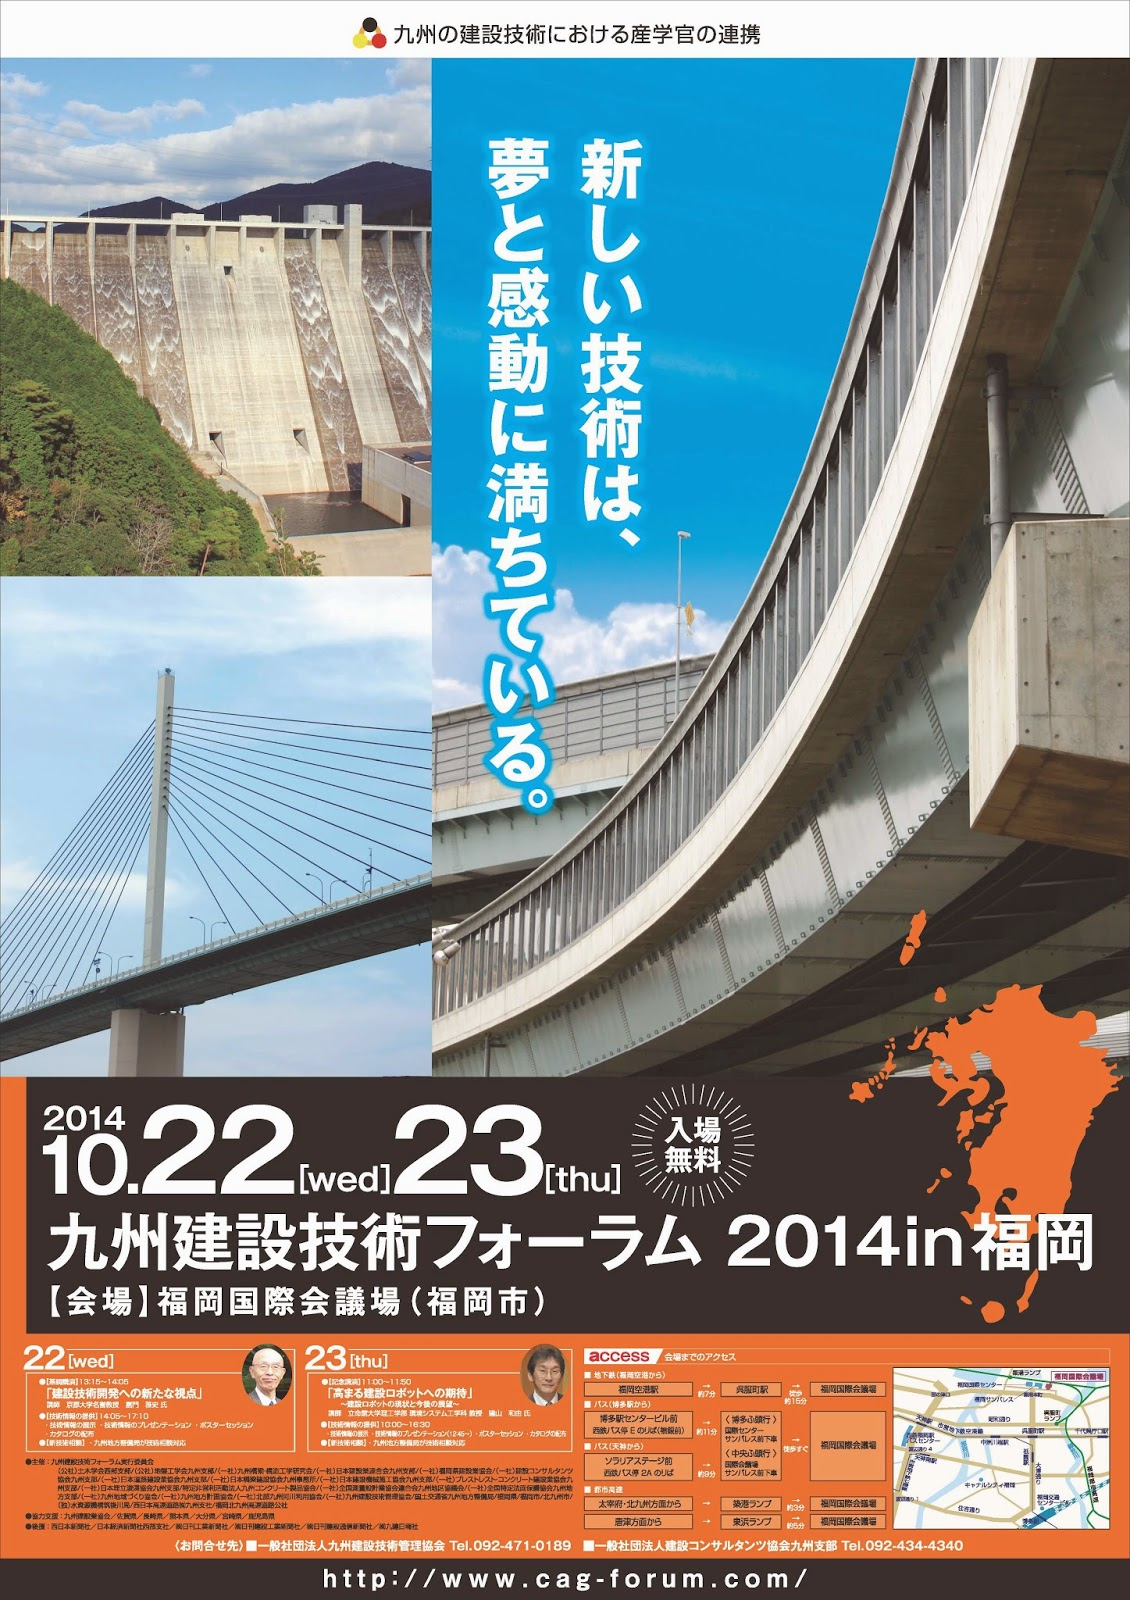 [地盤改良] 「九州建設技術フォーラム2014 in福岡」 のご案内